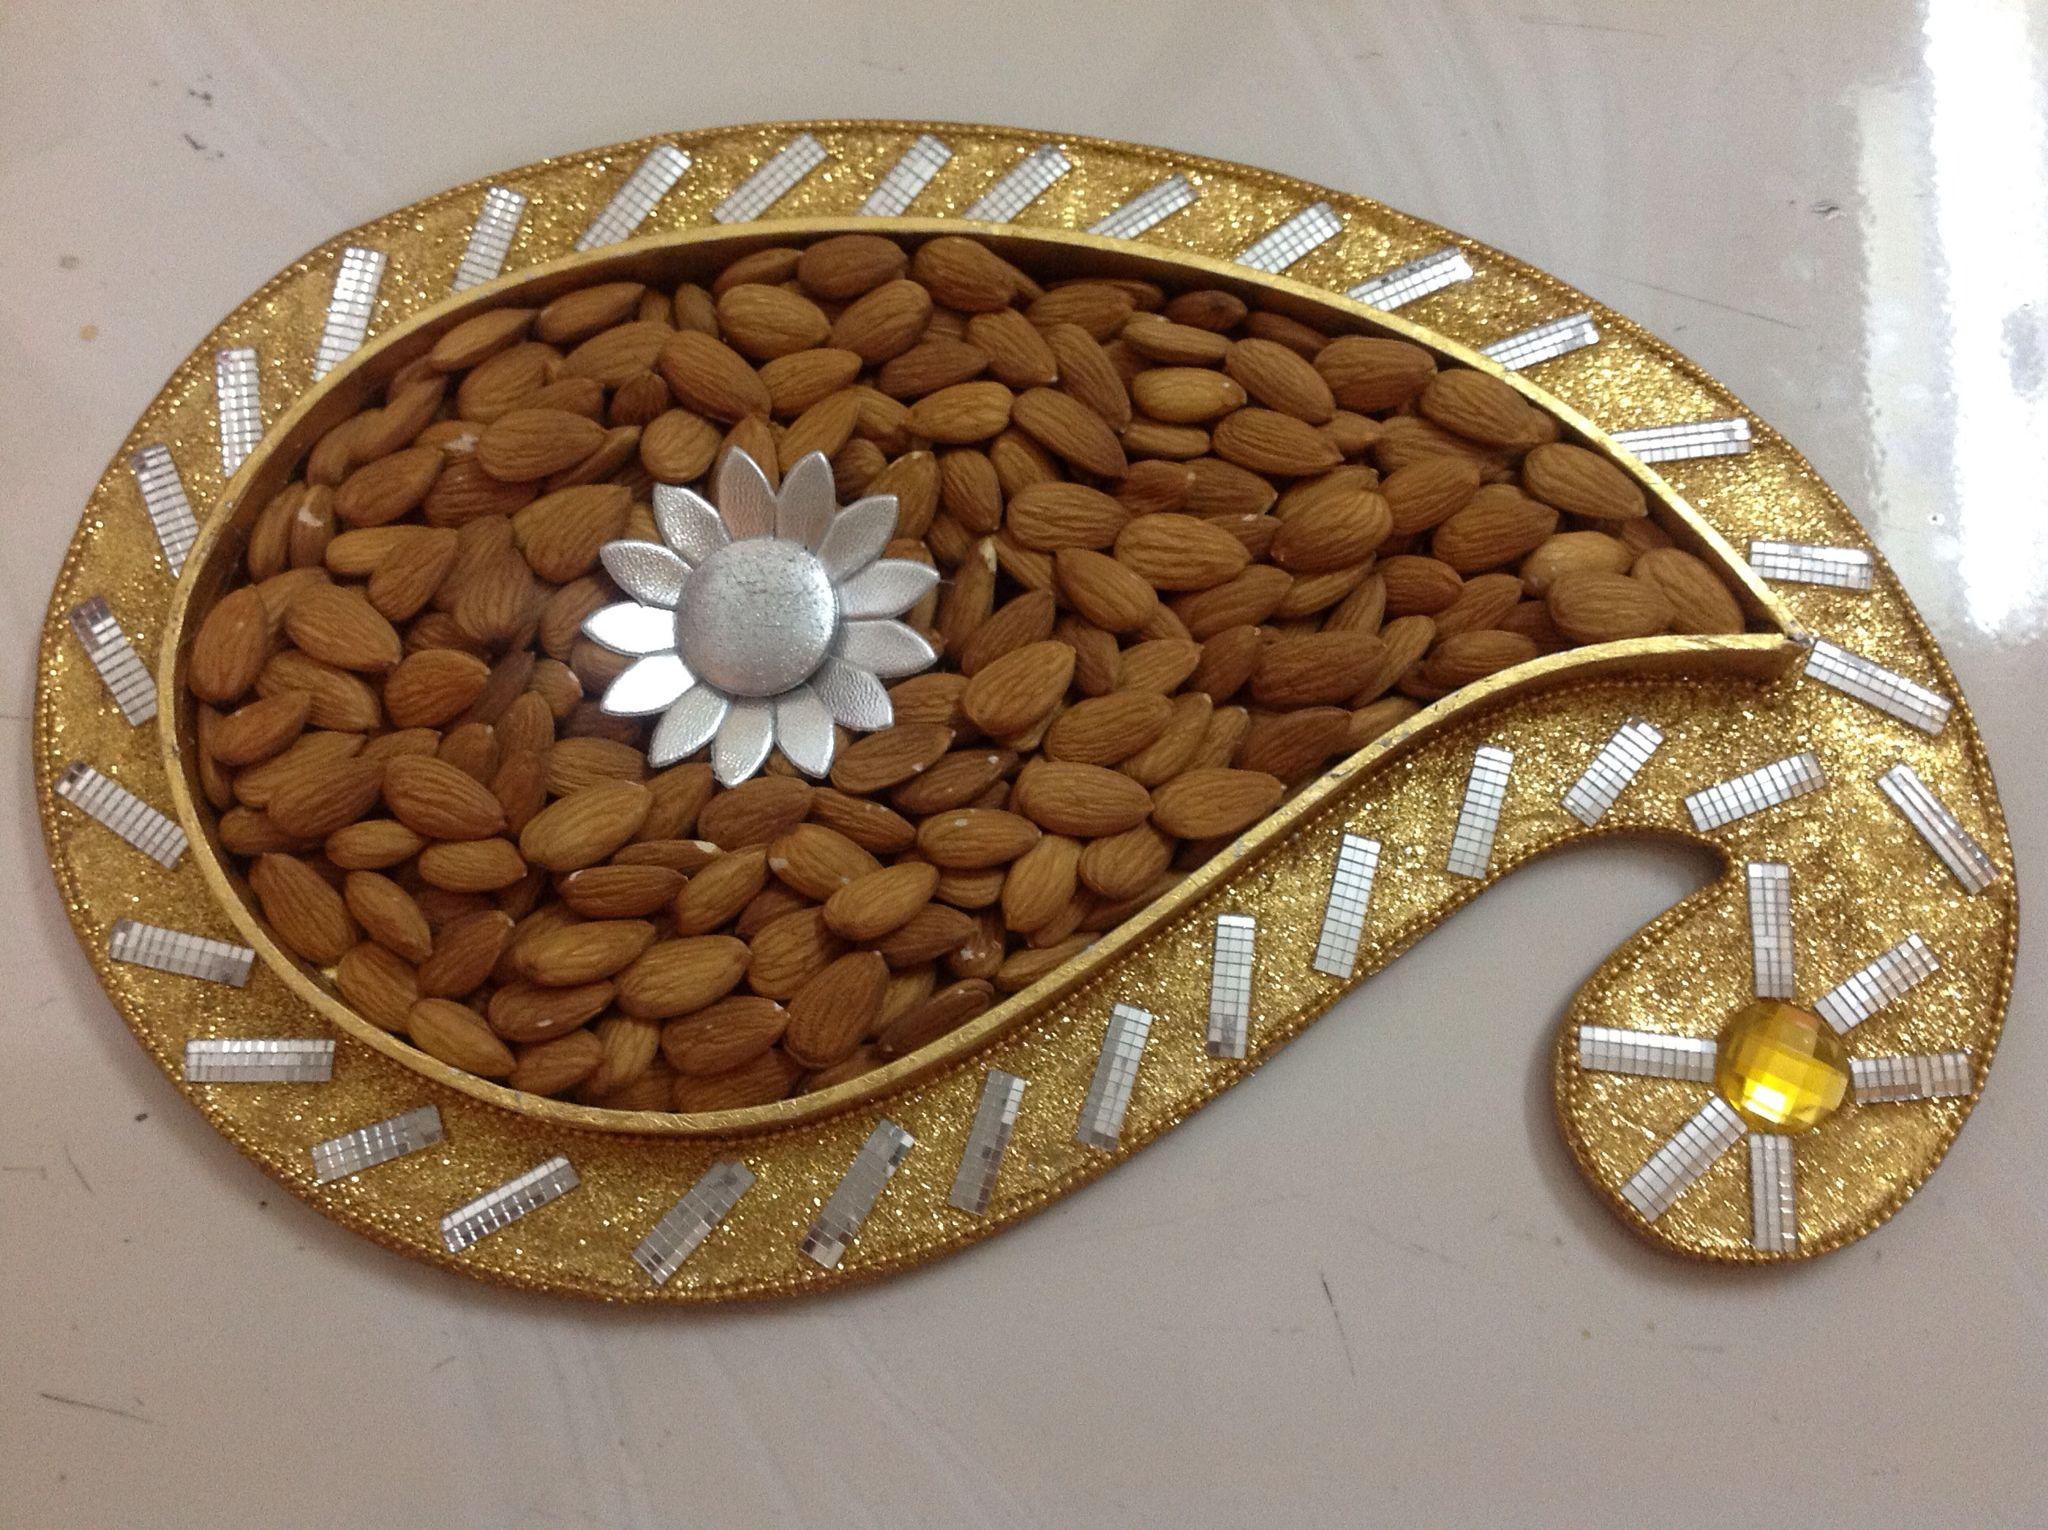 Dry Fruit Ng Decorationswedding Decorationsfruit Ideaswedding